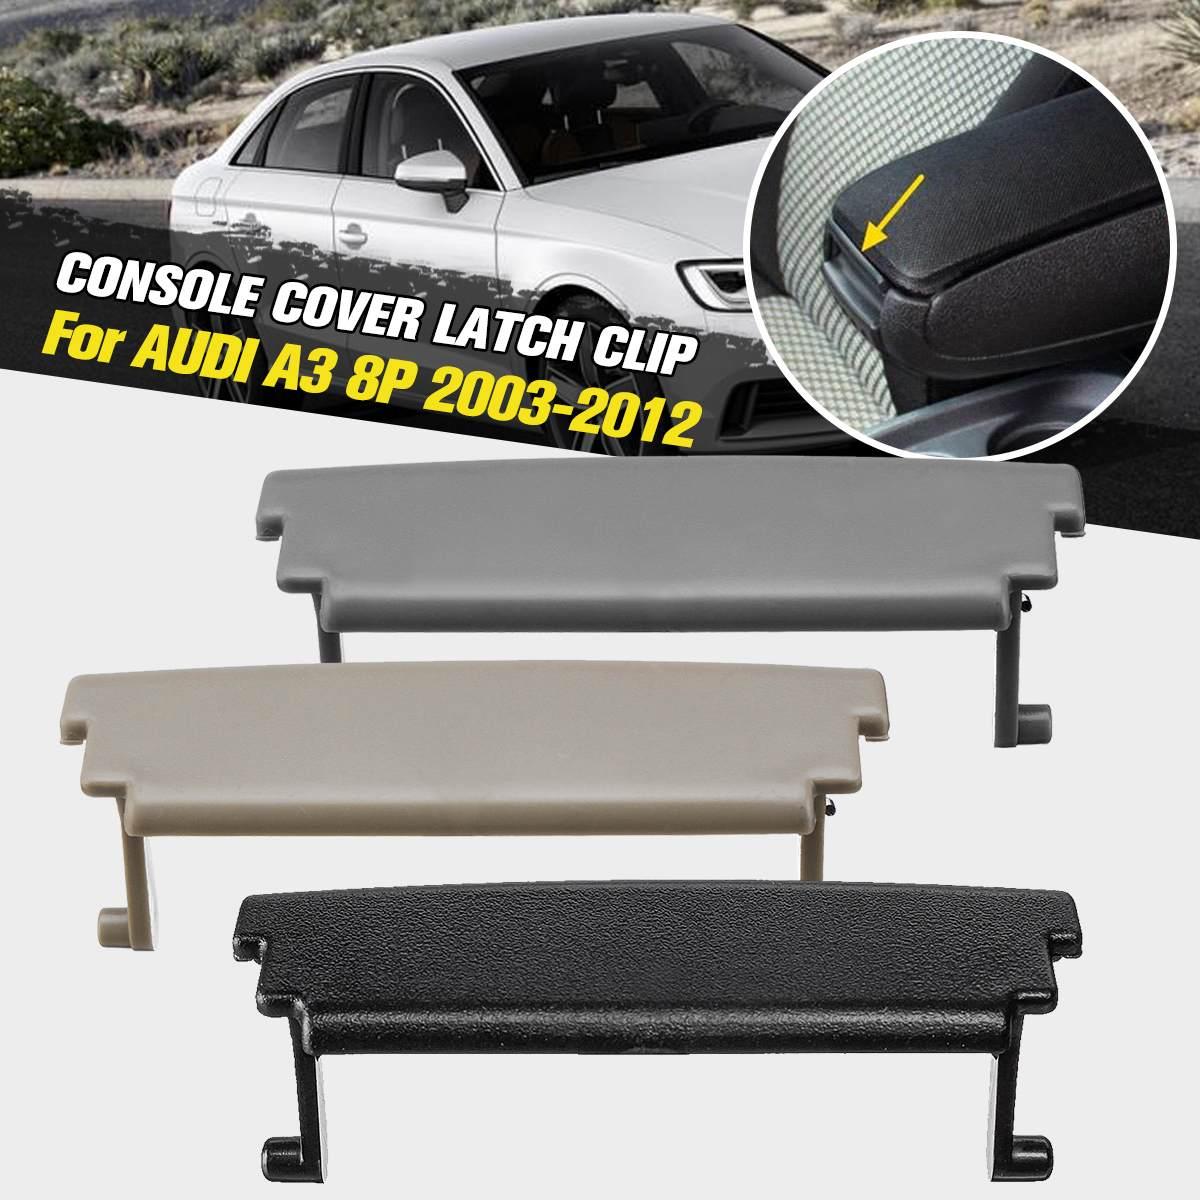 1Pc Car Auto Plastic Console Center Armrest Cover Latch Clip Lid Catch for Audi A3 2003 2004 2005 2006 2007 2008 2009 2010 2011 2012